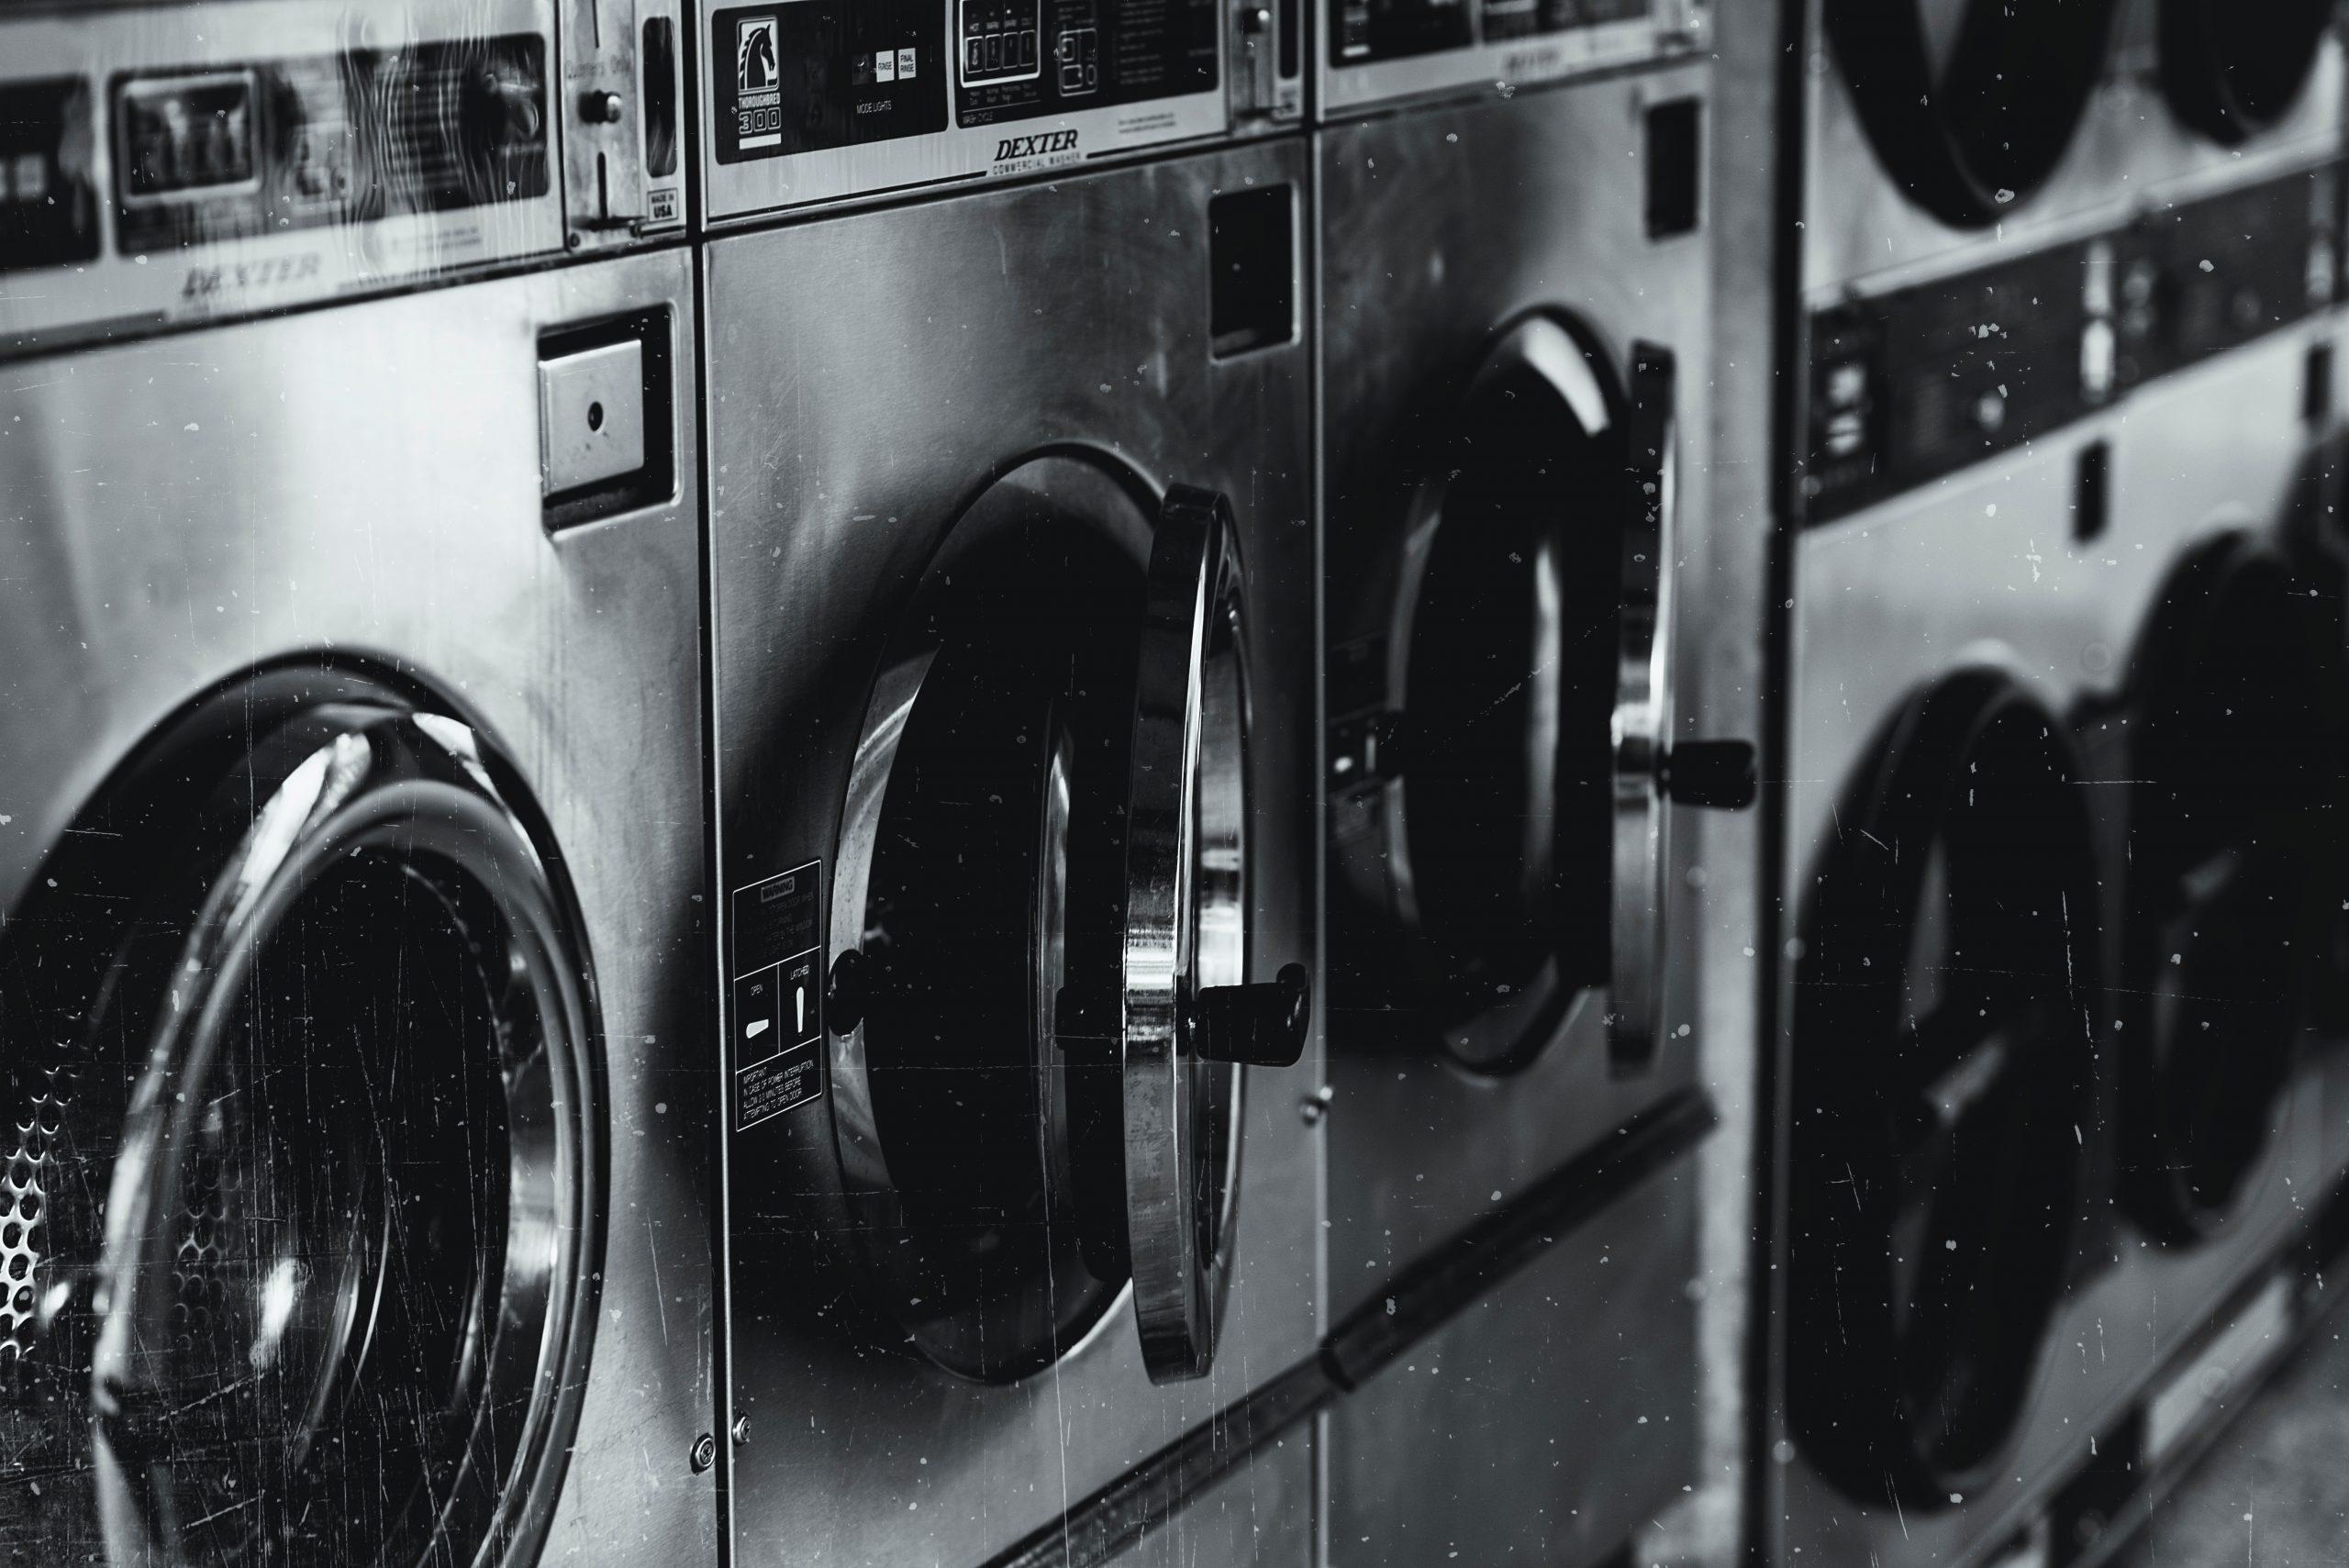 מייבש כביסה משולב עם מכונת כביסה – זה עובד טוב?